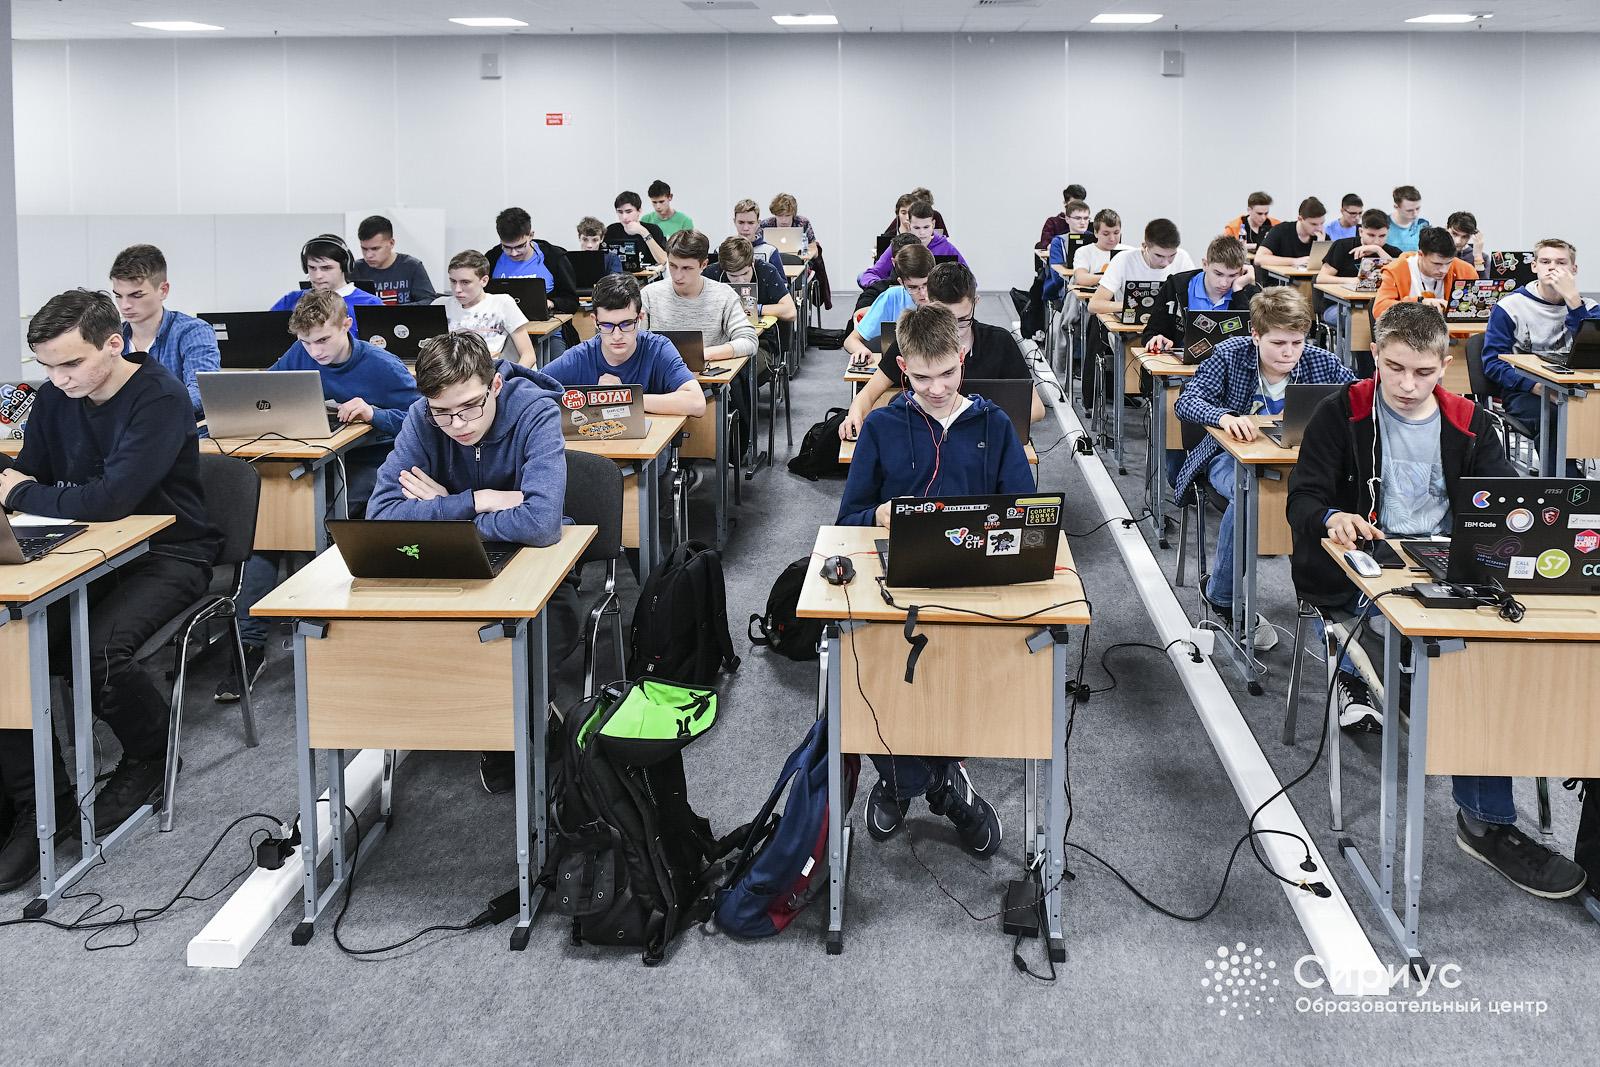 В «Сириусе» открылась новая образовательная программа по кибербезопасности